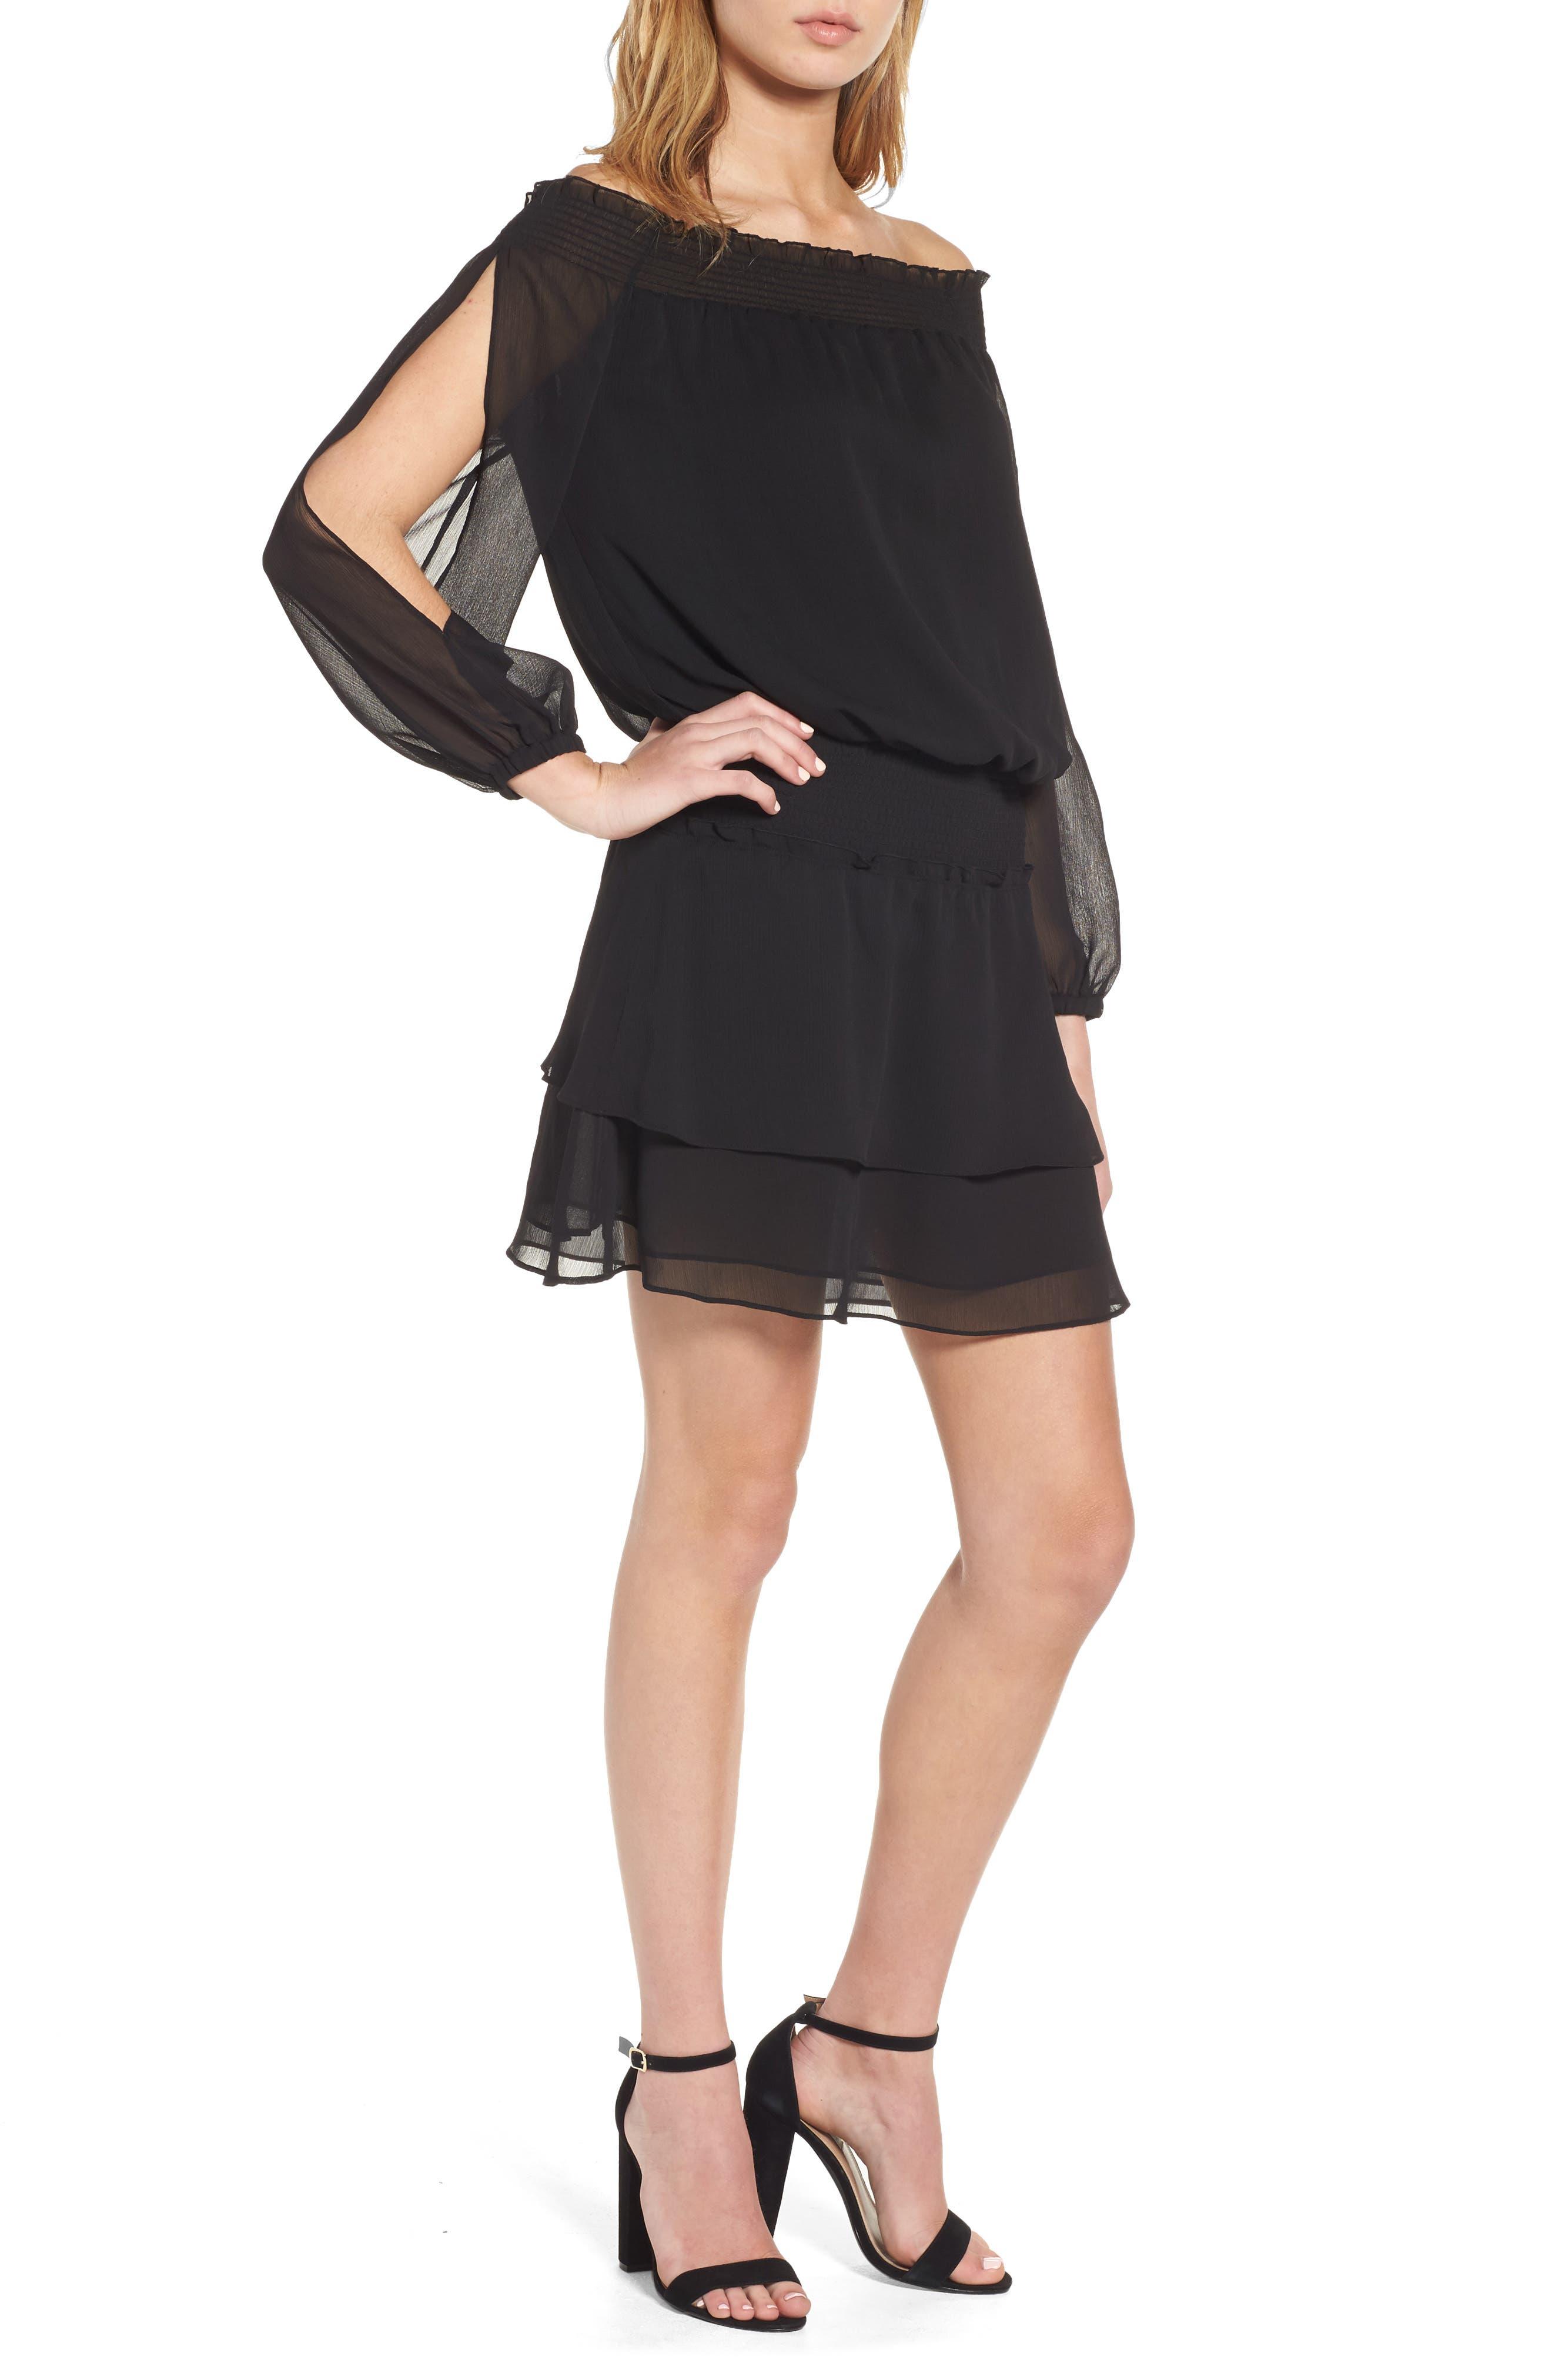 CHELSEA28 Off the Shoulder Blouson Dress